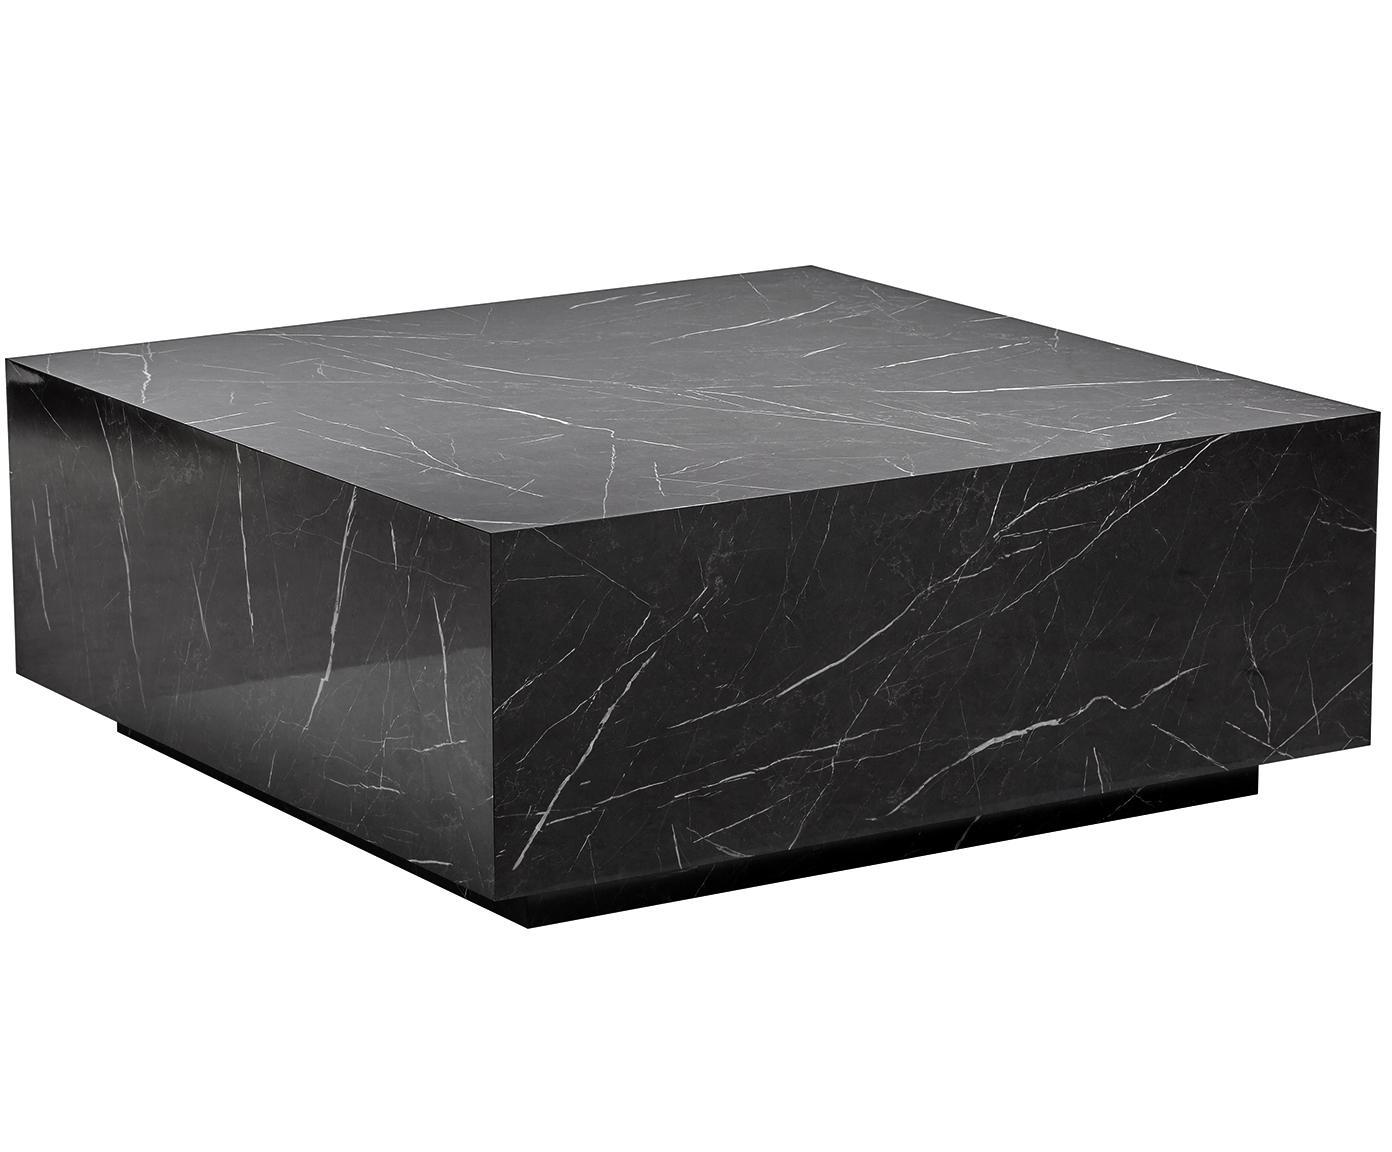 Zwevende salontafel Lesley met marmerlook, MDF bekleed met melaminefolie, Zwart, gemarmerd, glanzend, B 90 x D 90 cm